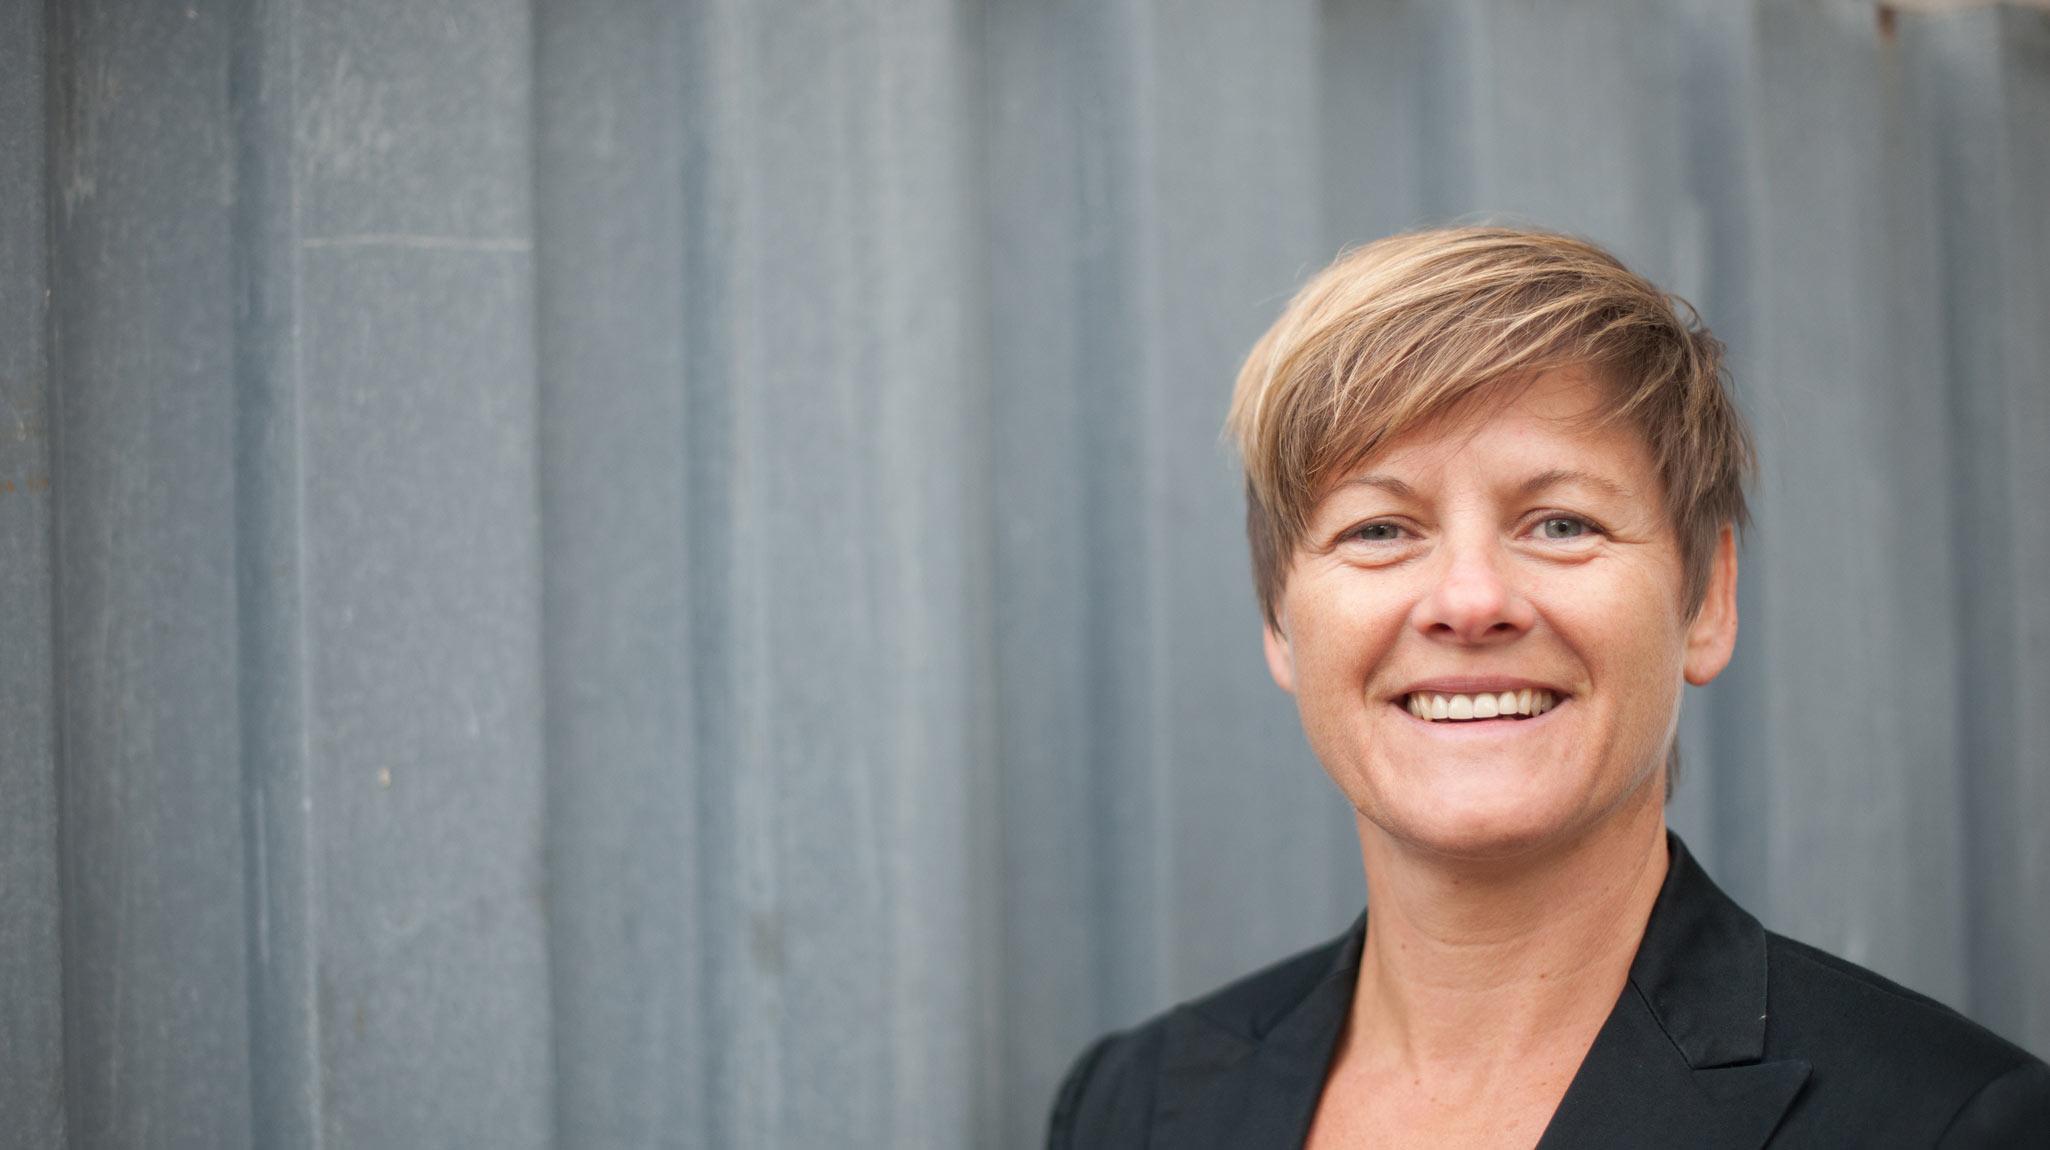 Die Unternehmerin Sabine Karko betreibt Business & Life Coaching, Mentaltraining im Sport und privaten Tanzunterricht. Sie steht vor einer grauen Wand, ist mit einem schwarzen Blazer gekleidet und schaut mit einem offenen Lächeln in die Kamera. Sie hat eine blonde Kurzhaarfrisur.